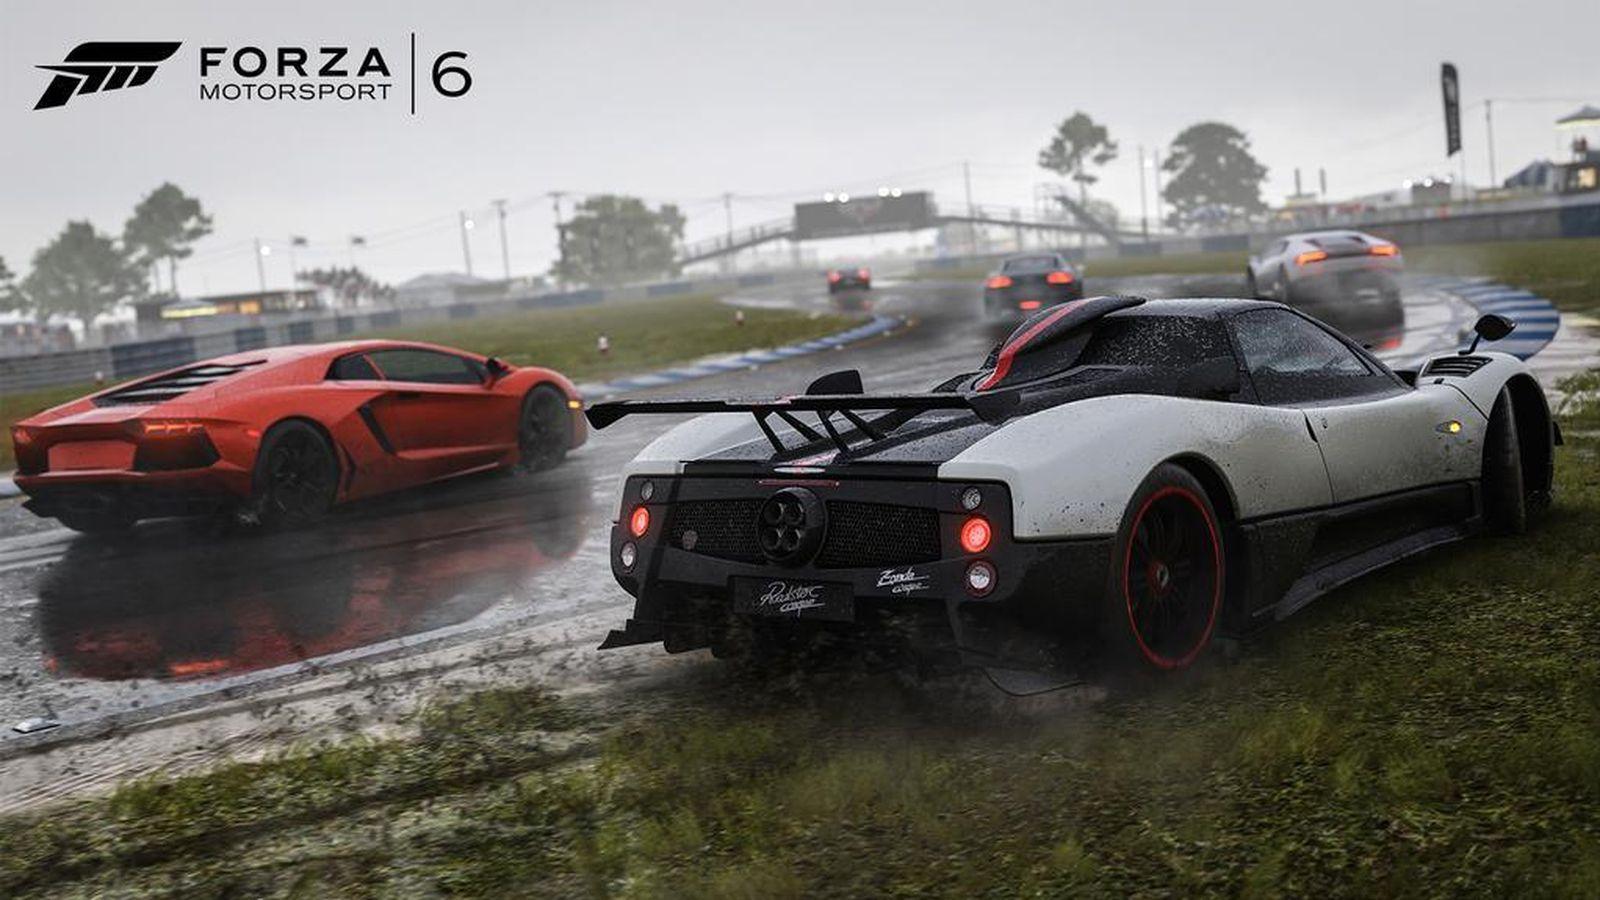 Foto: Forza Motorsport 6